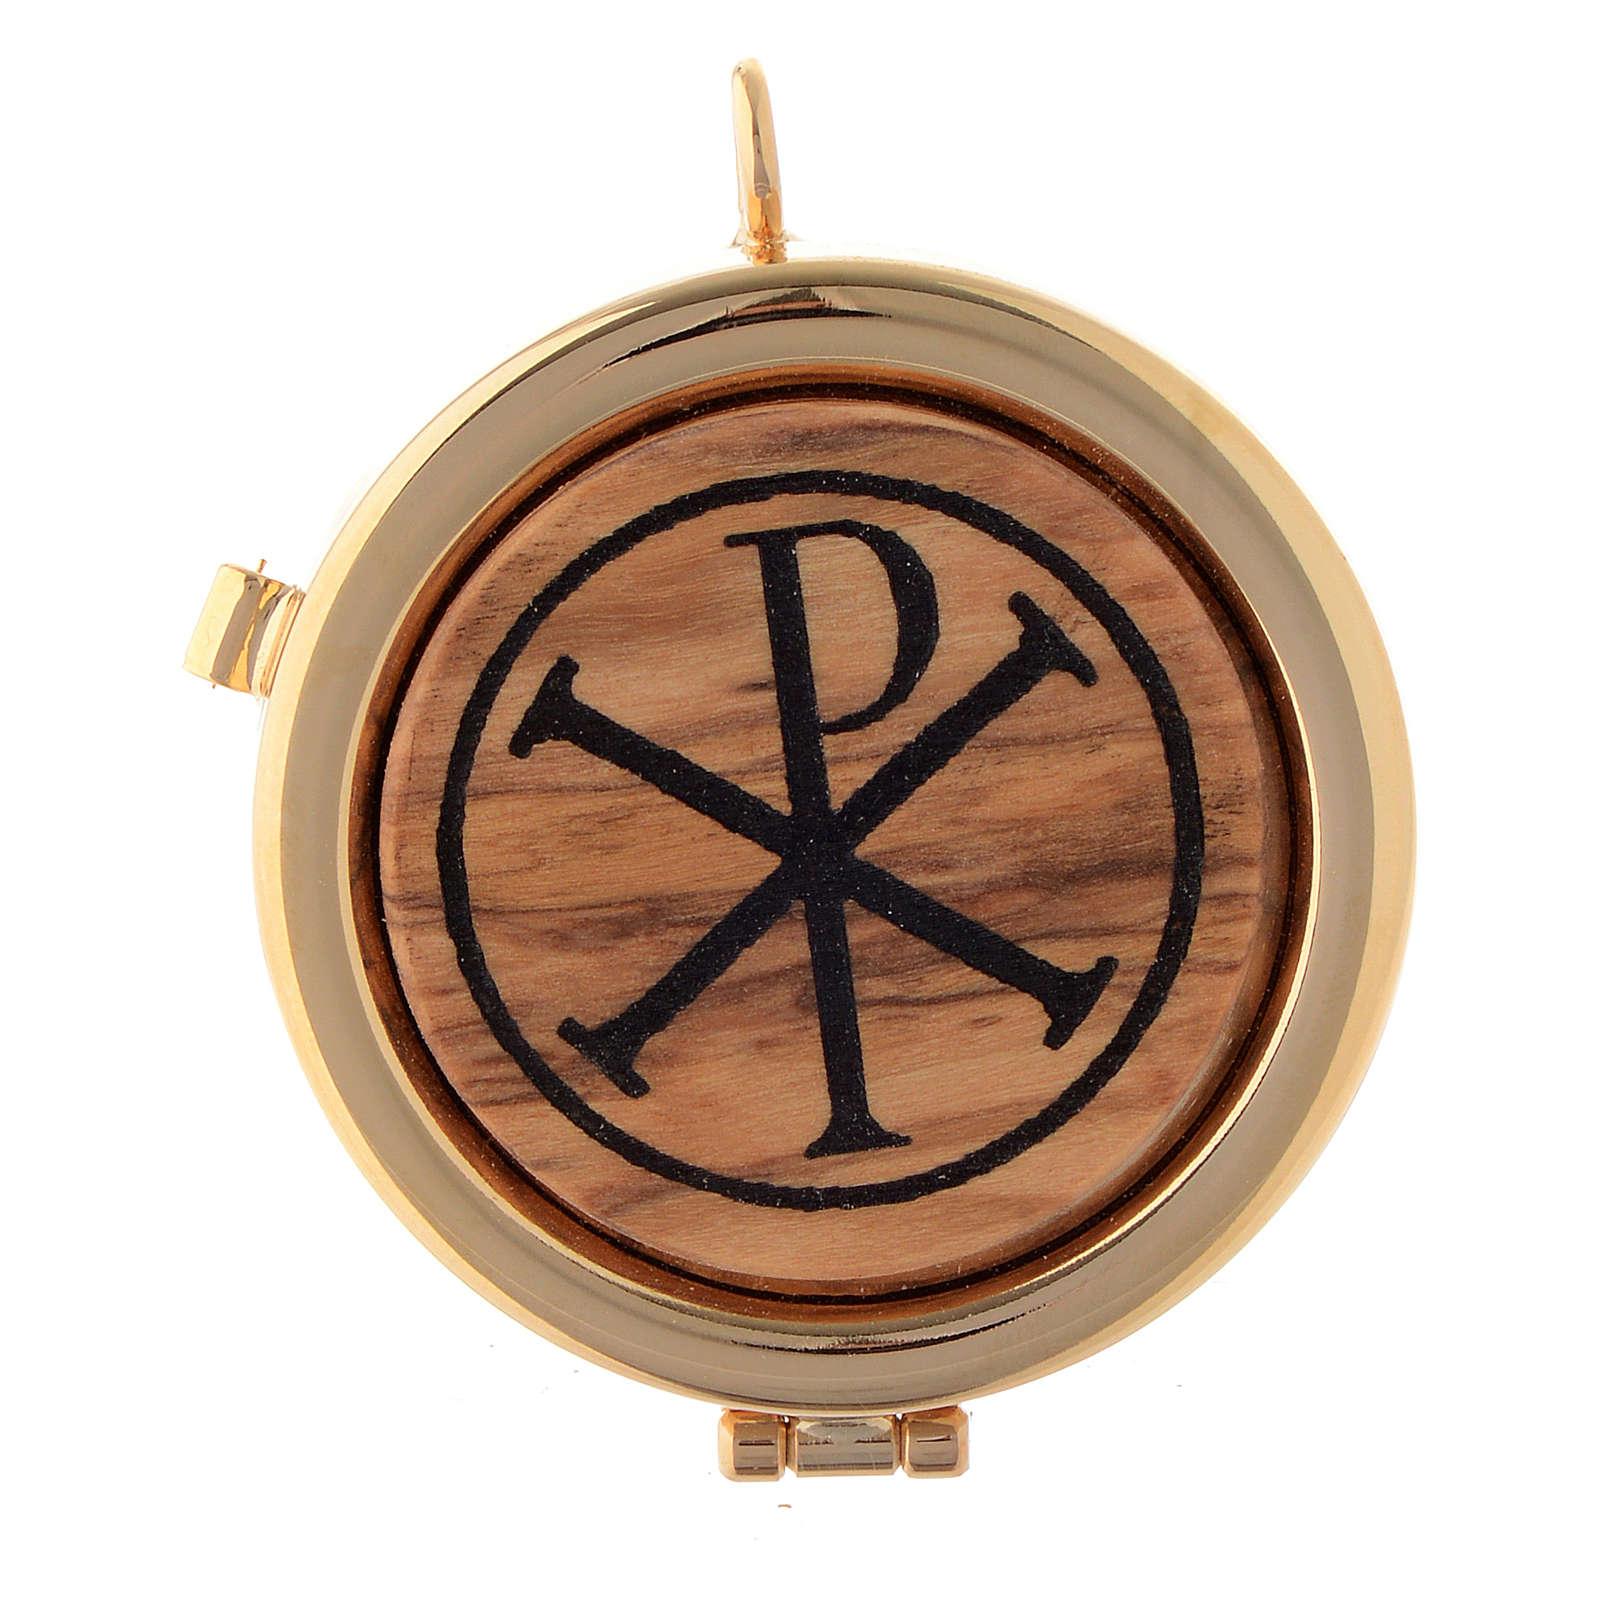 Teca placca ulivo simbolo XP diam. 6 cm 3